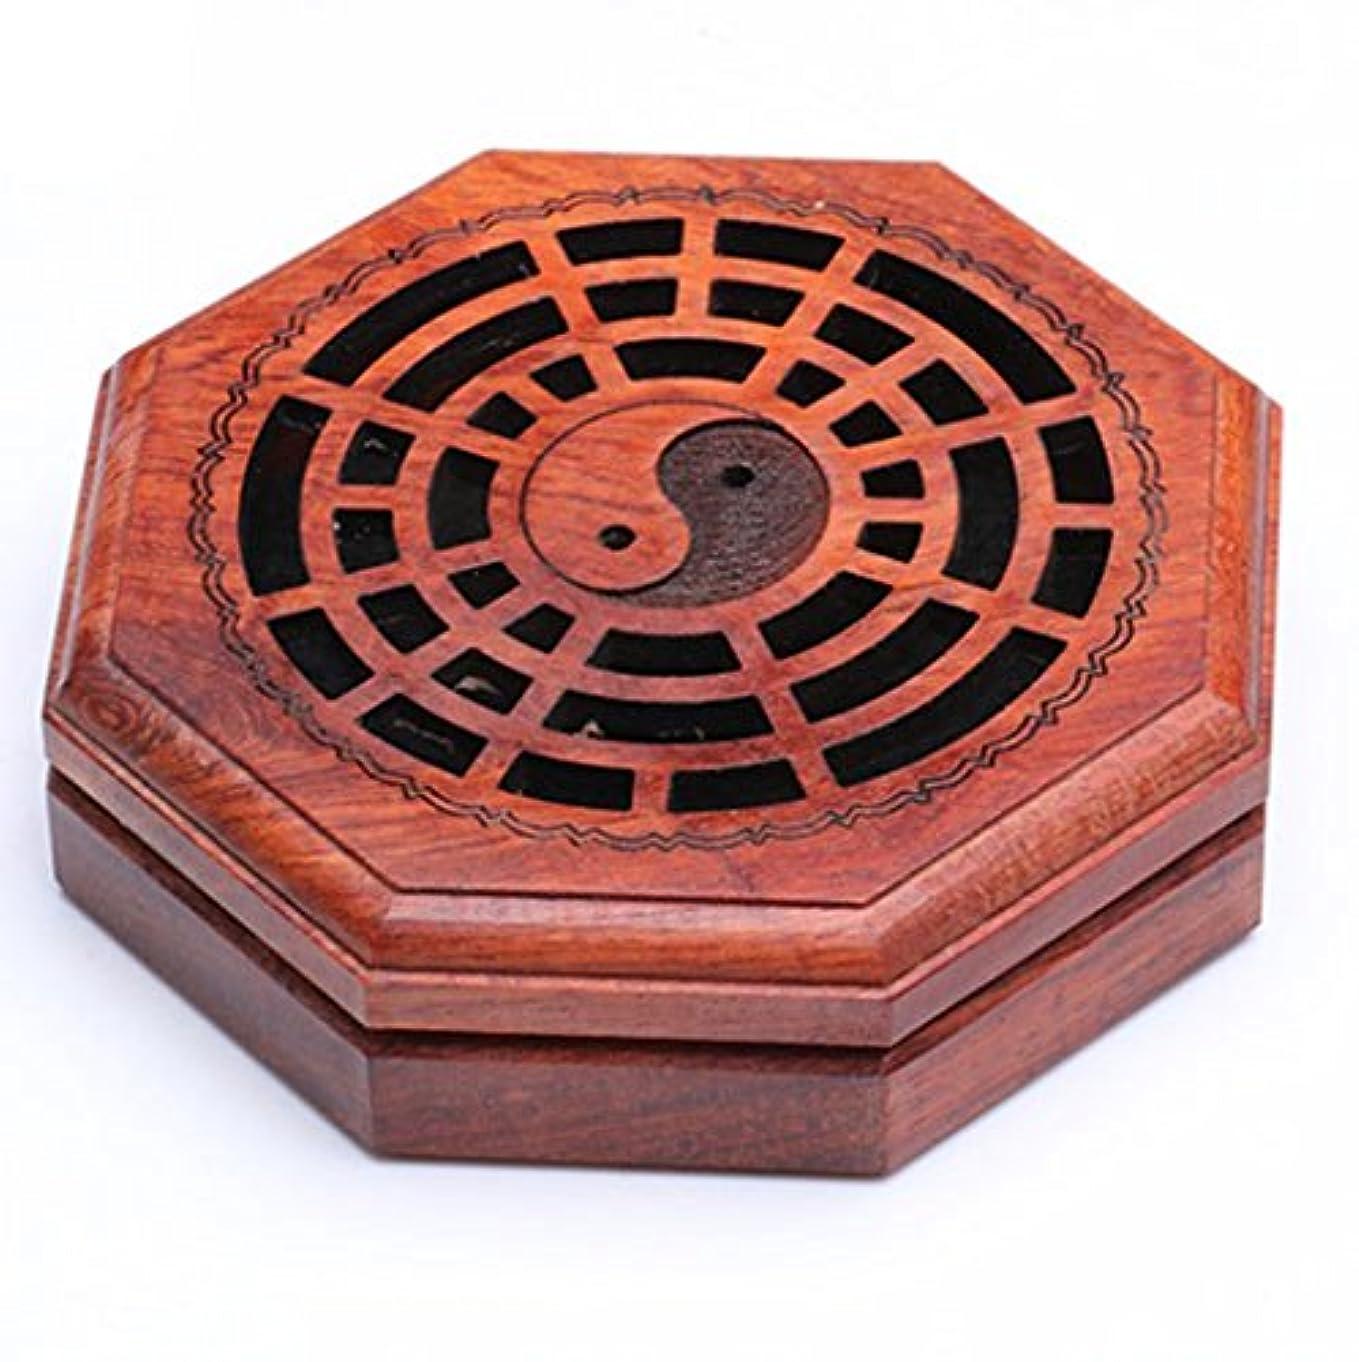 実質的風変わりなクリスチャン(ラシューバー) Lasuiveur 香炉 線香立て 香立て 職人さんの手作り 茶道用品 おしゃれ  木製 透かし彫り